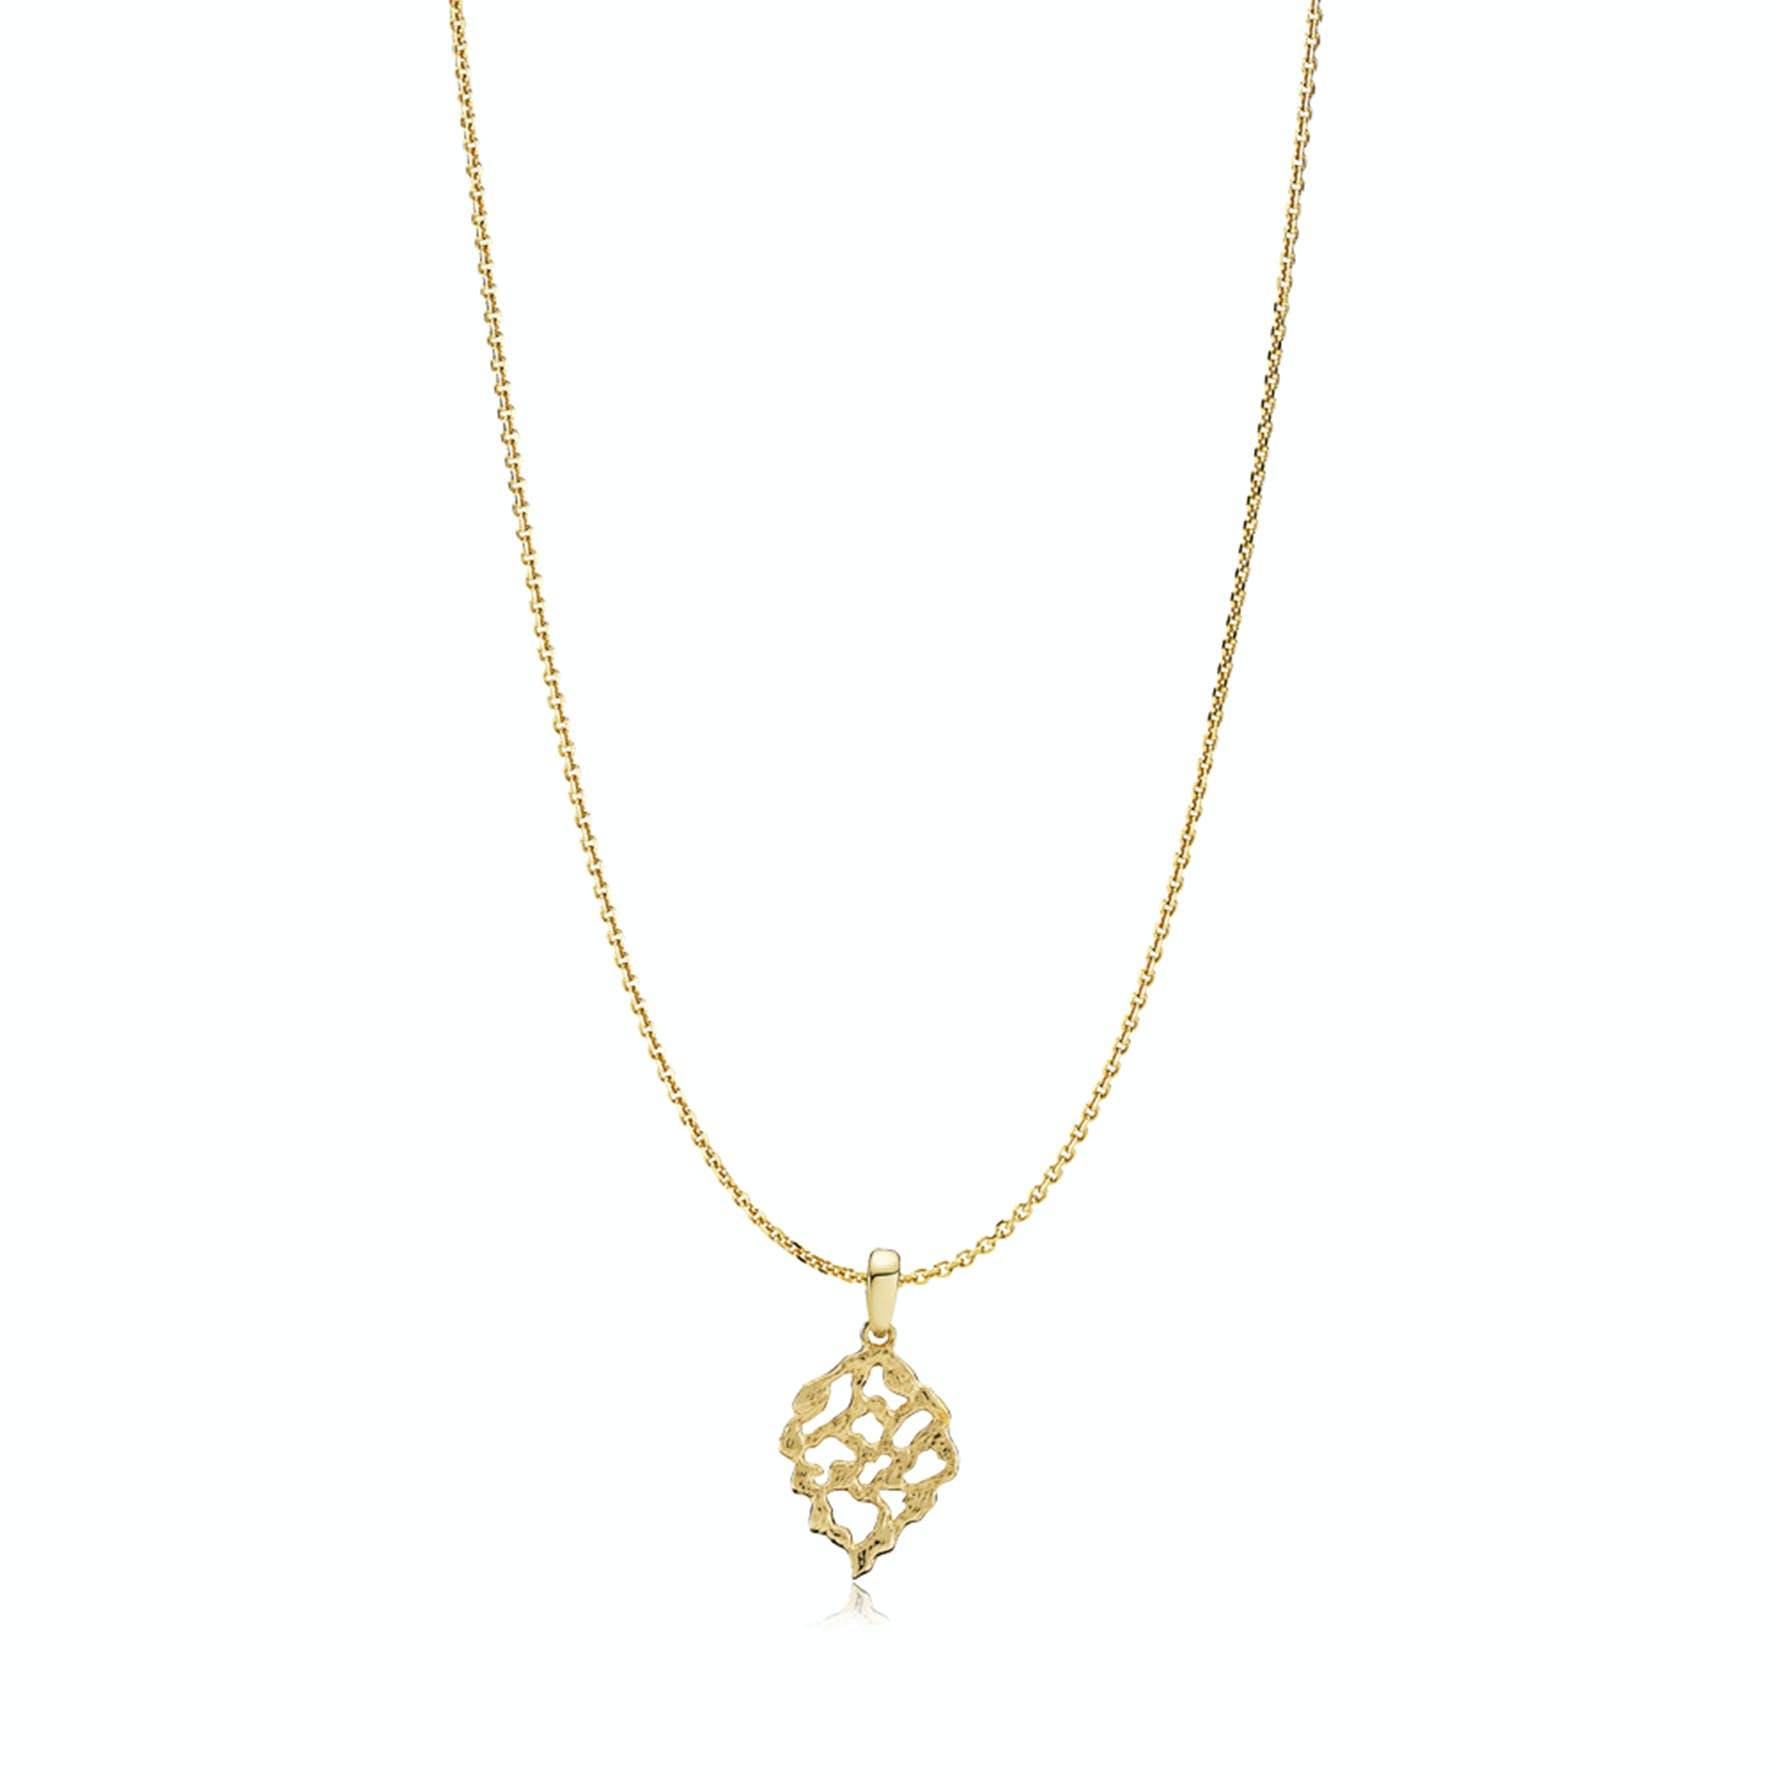 Holly Necklace von Izabel Camille in Vergoldet-Silber Sterling 925